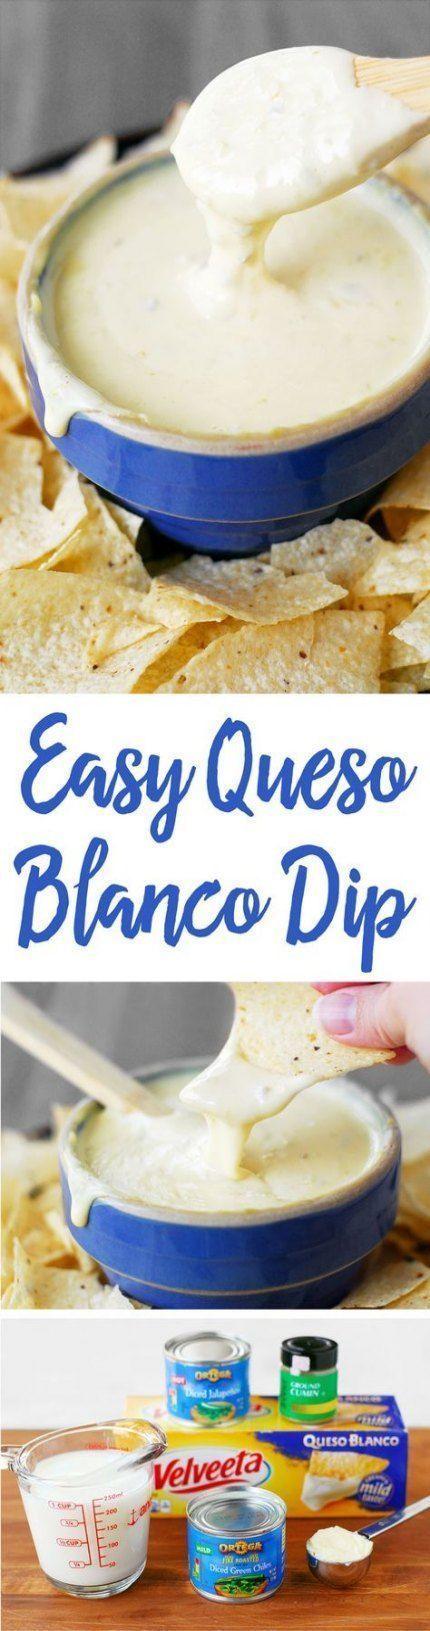 59+ Trendy Appetizers Cheese Dips Einfache Rezepte - Best Appetizers, Finger Fo ... - Oktoberfest: